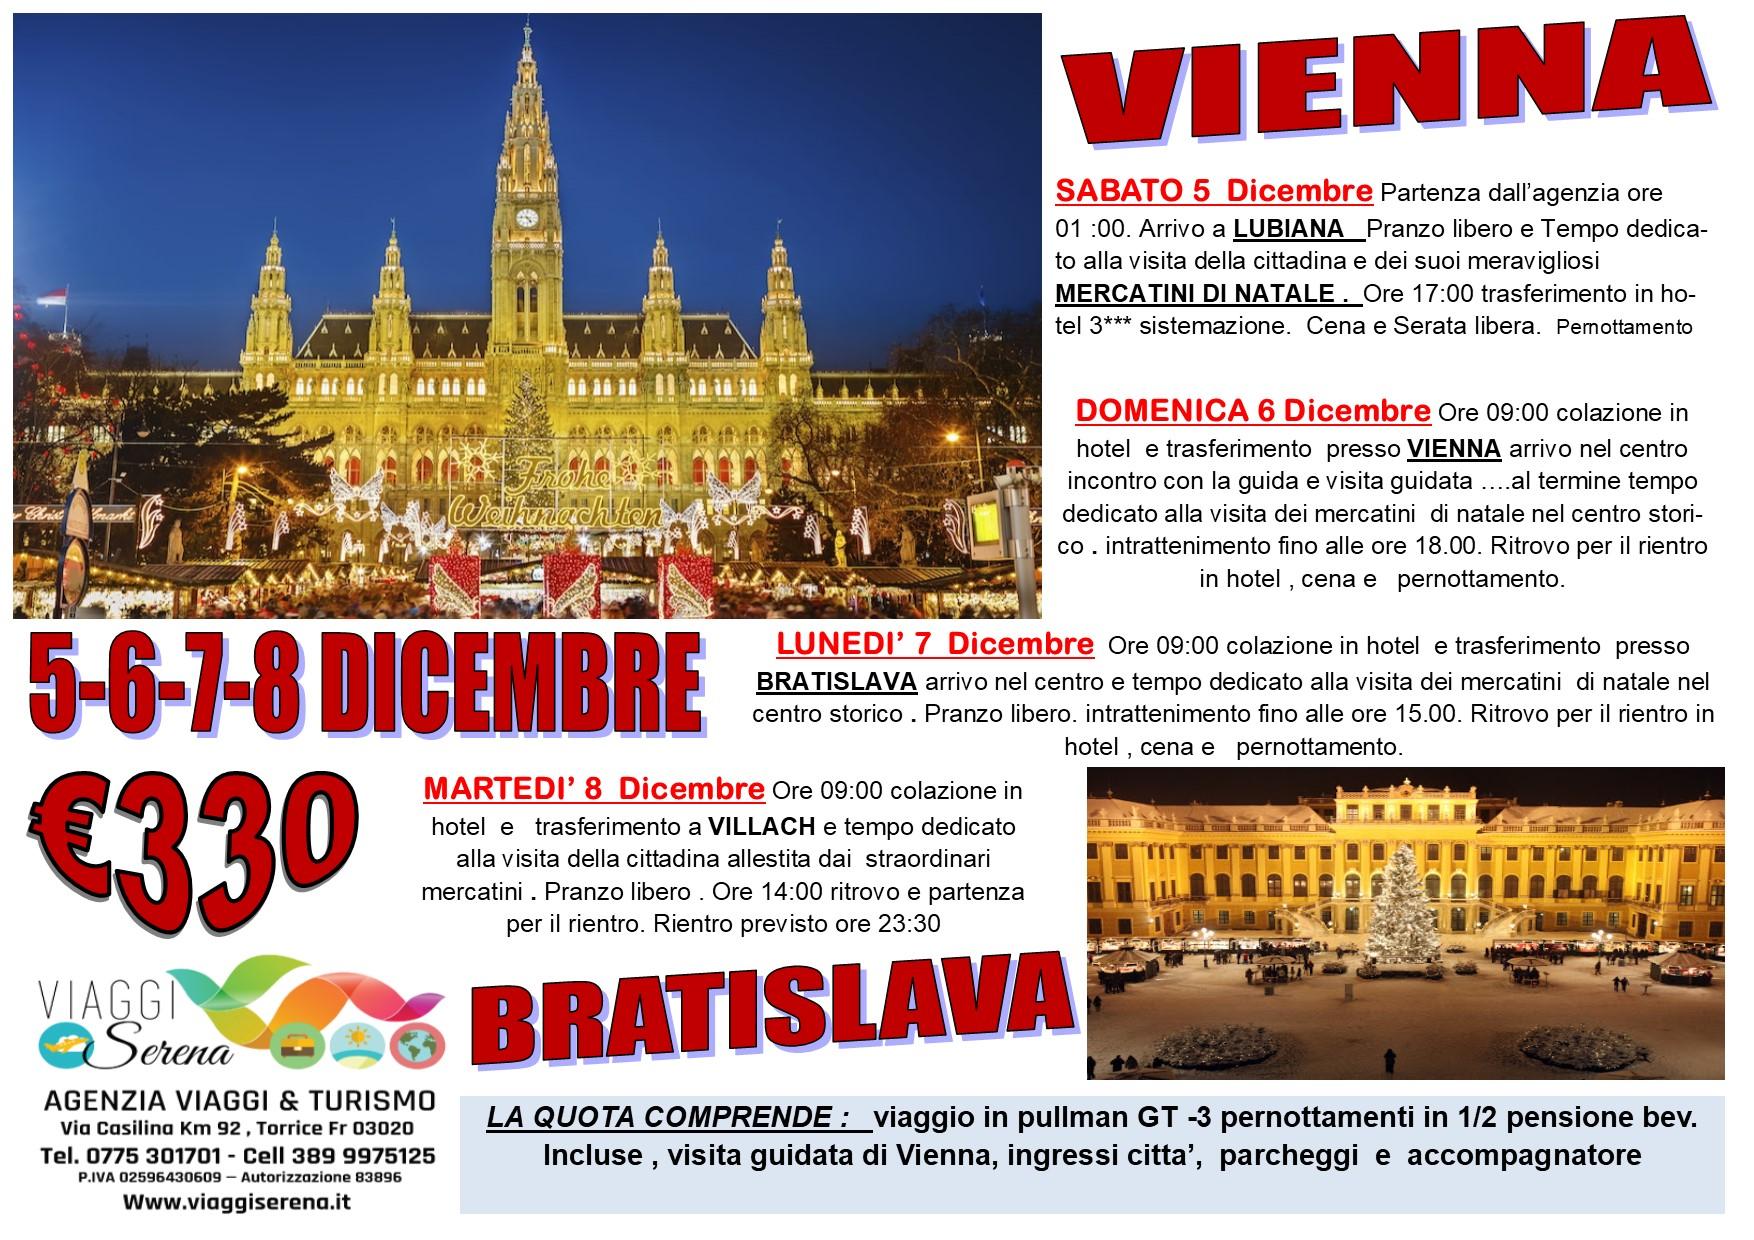 Viaggi di Natale:  Vienna, Bratislava, Lubiana & Villach 5-6-7-8 Dicembre  € 330,00